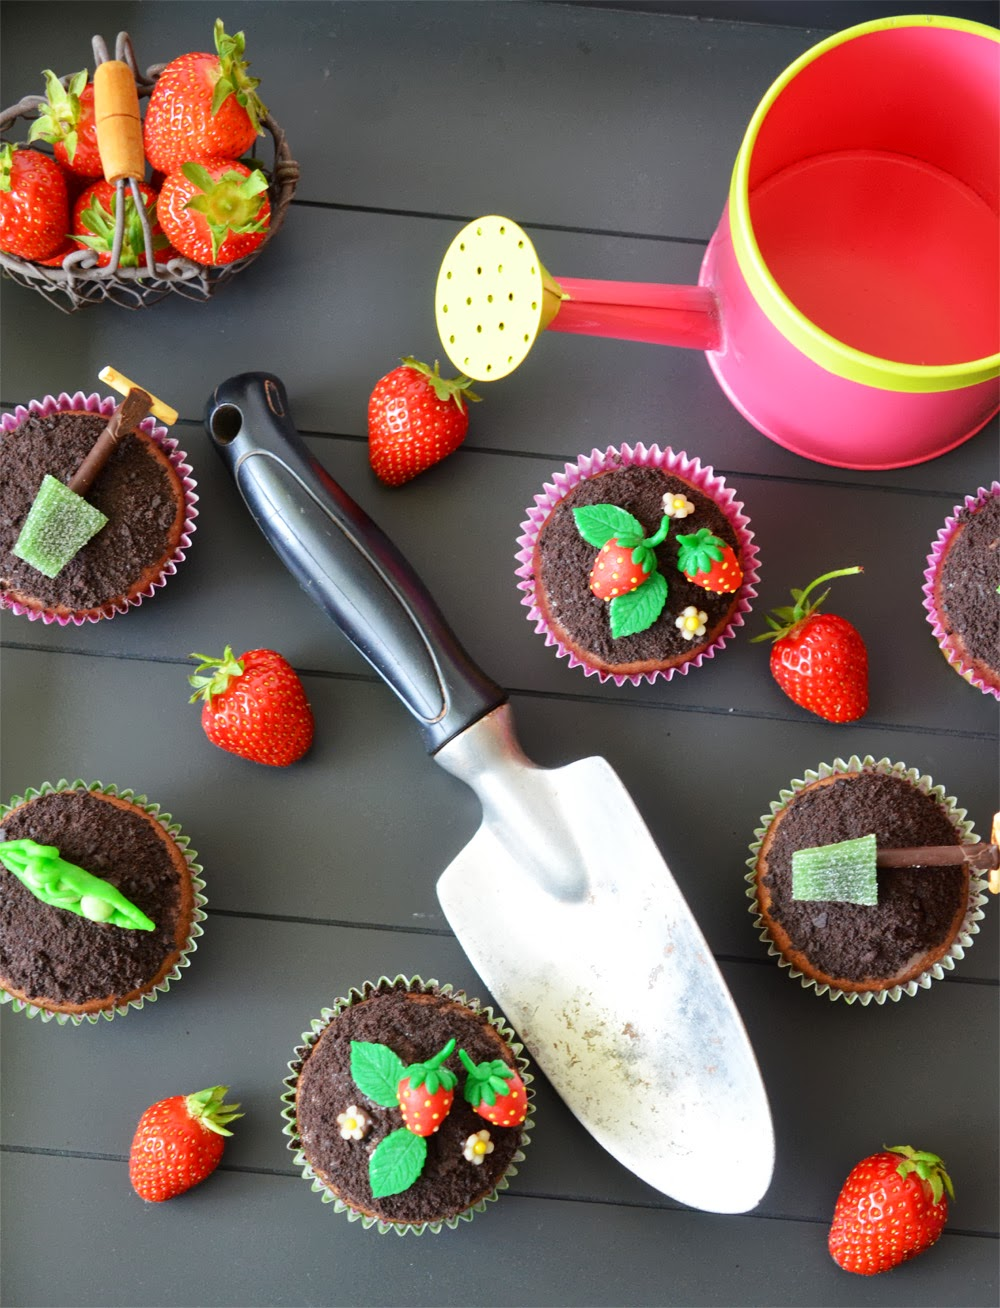 Erdbeer-Schokoladen-Cupcakes mit Garten-Dekoration